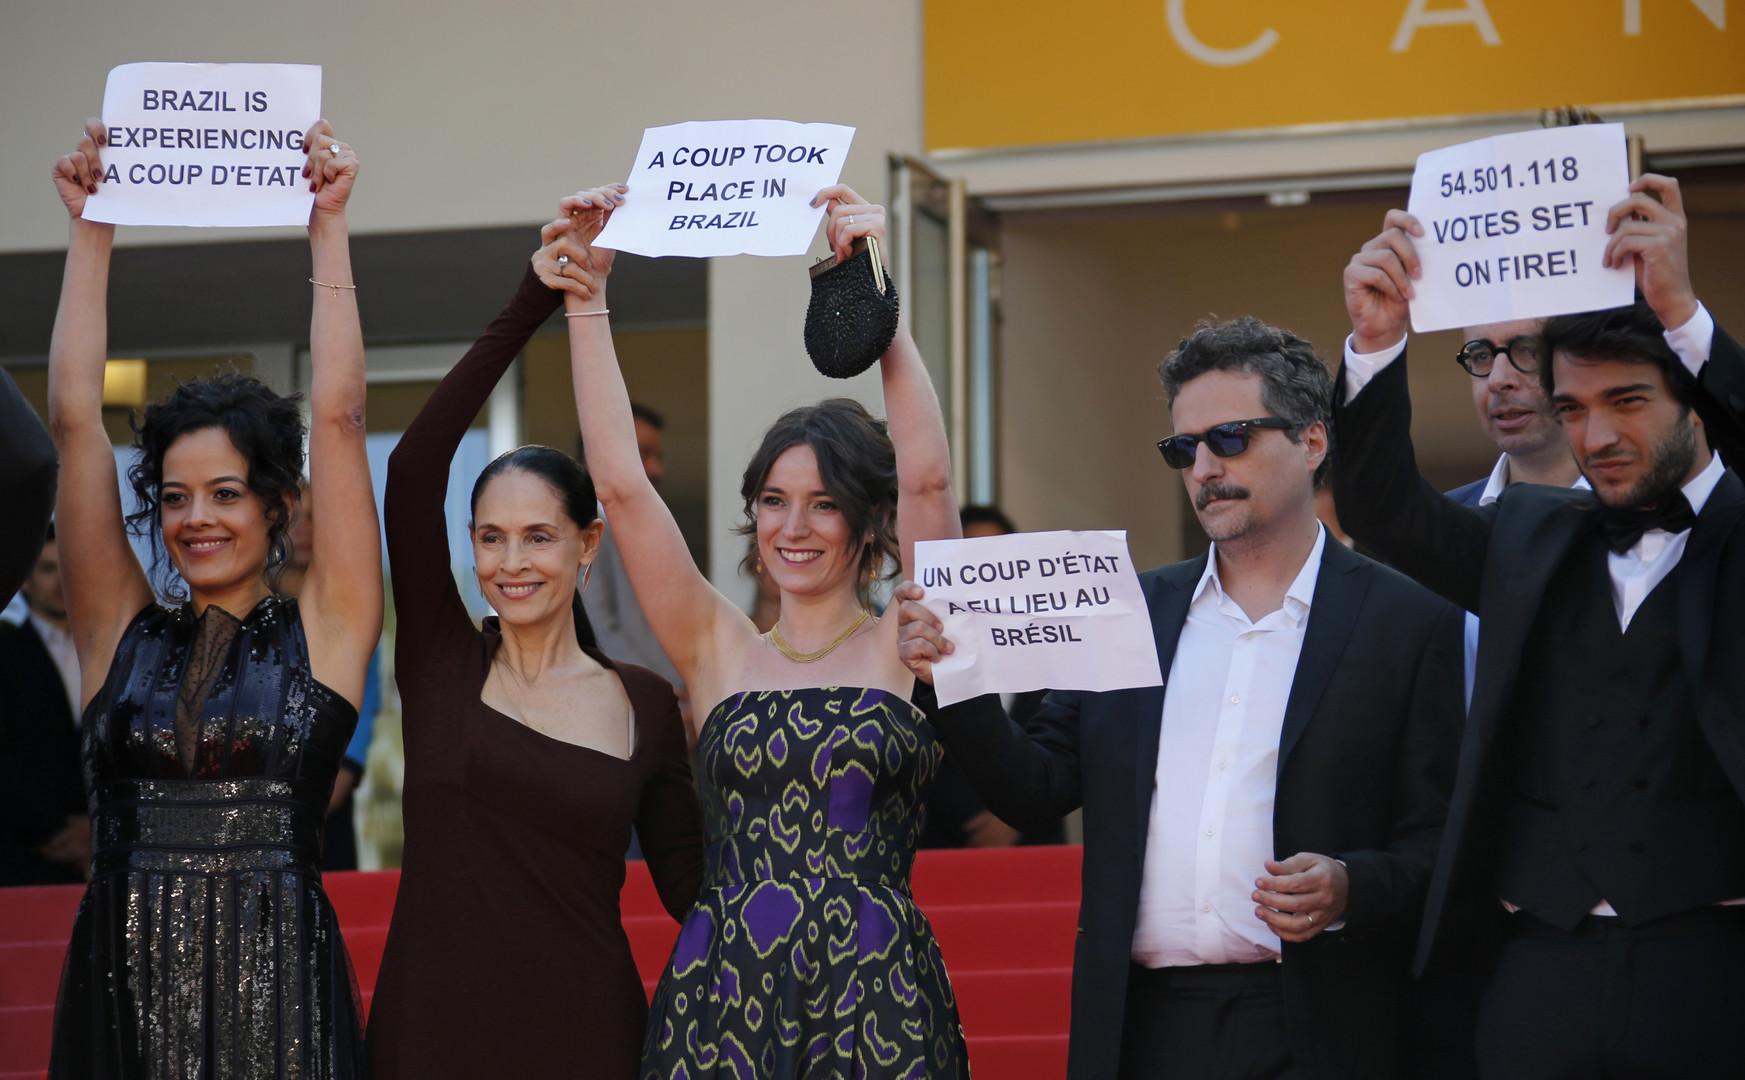 L'équipe du film brésilien «Aquarius» en compétition à Cannes condamne la destitution de la présidente brésilienne Dilma Roussef